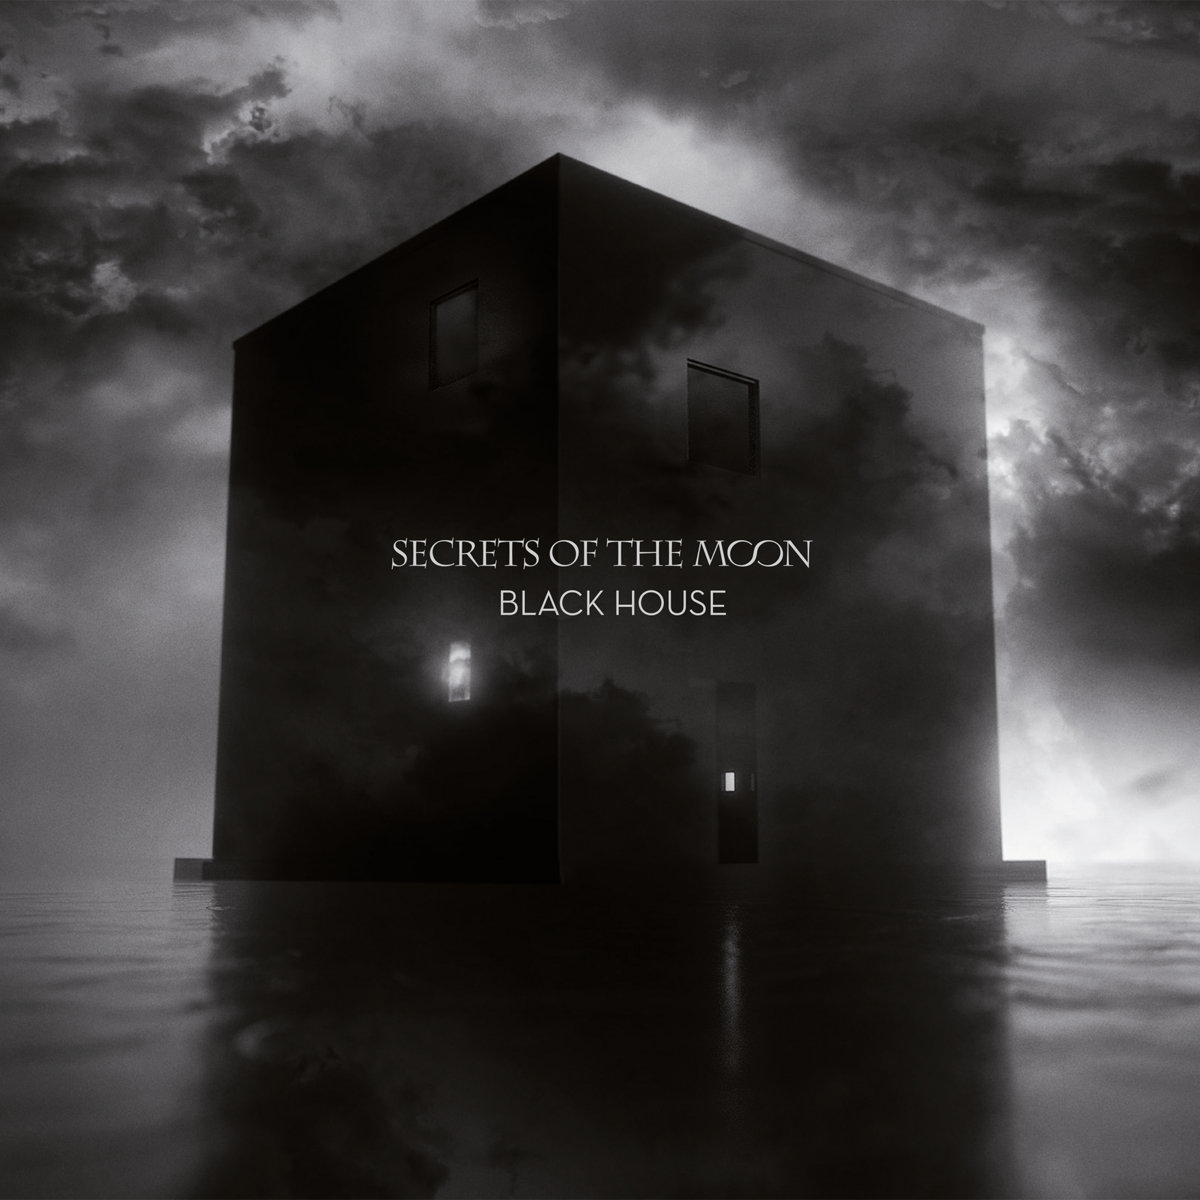 Secrets of the Moon: Black House